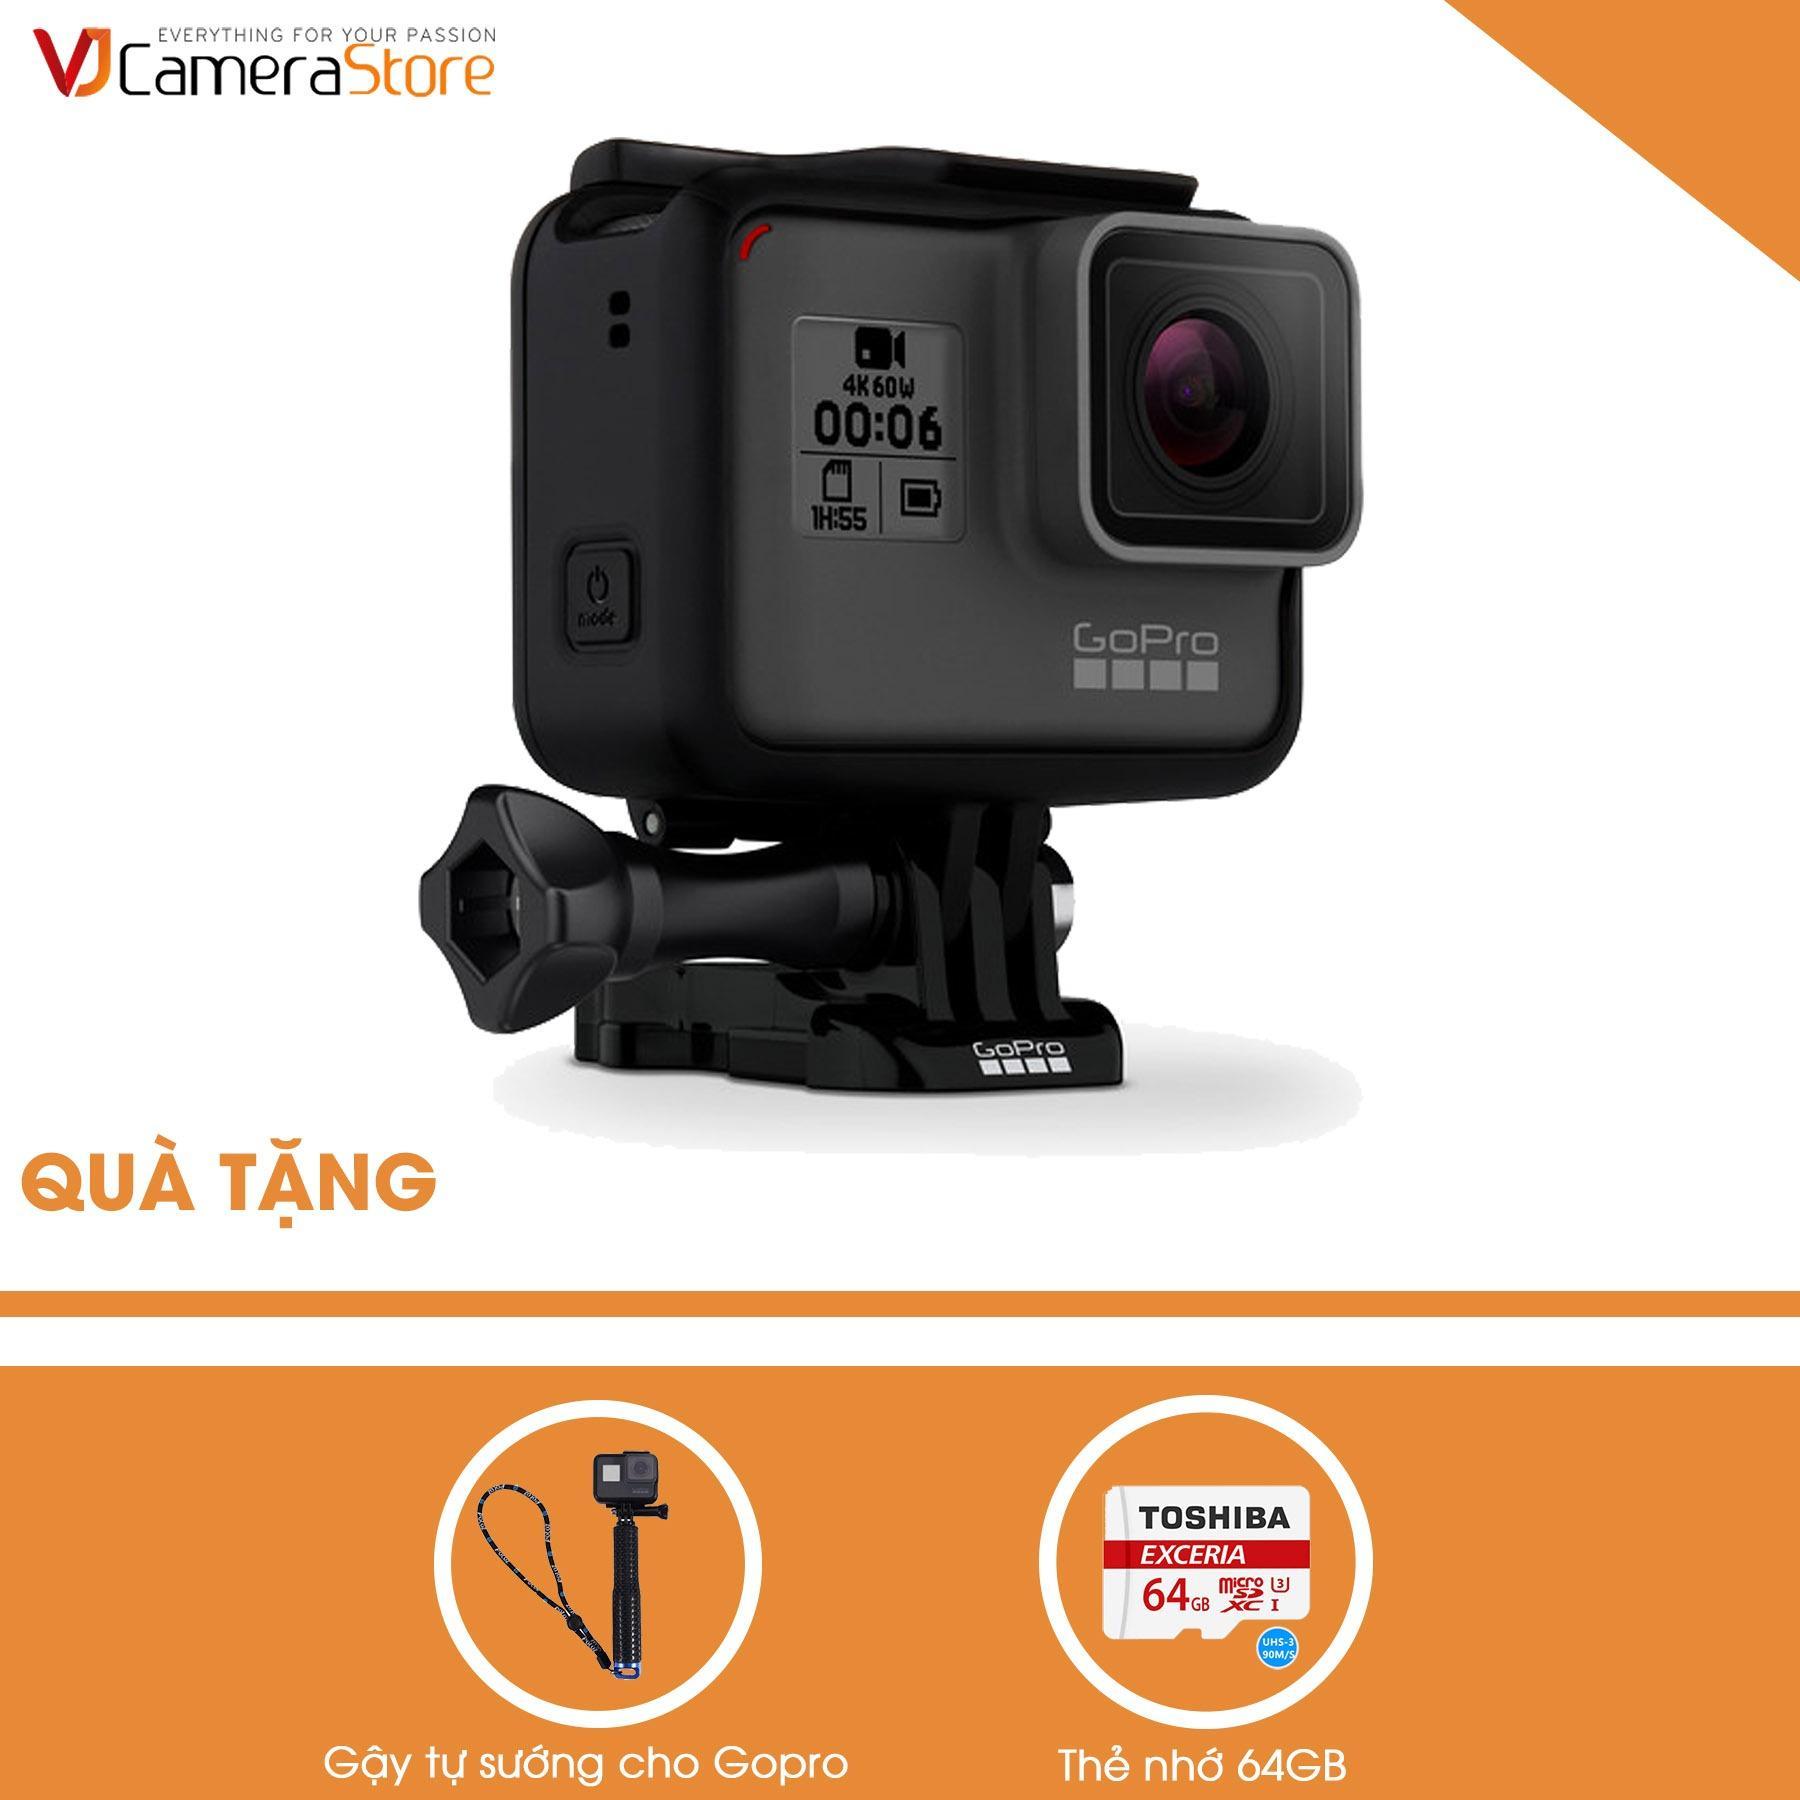 Hình ảnh GoPro Hero 6 Black + Gậy tự sướng cho gopro + thẻ 64GB tốc độ 90MB/s - Hàng phân phối chính thức